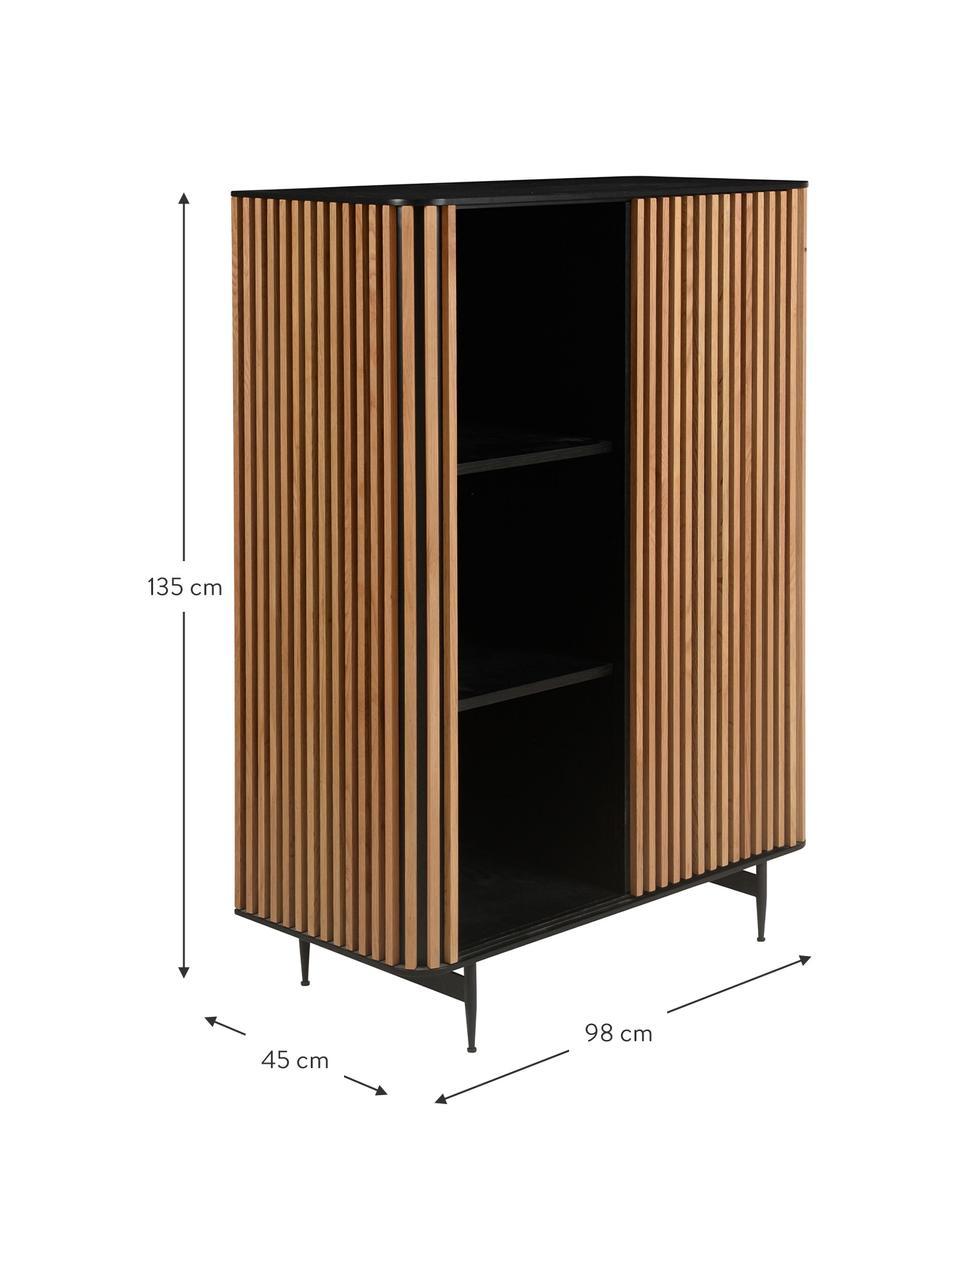 Buffet haut design placage bois de chêne Linea, Noir, bois de chêne